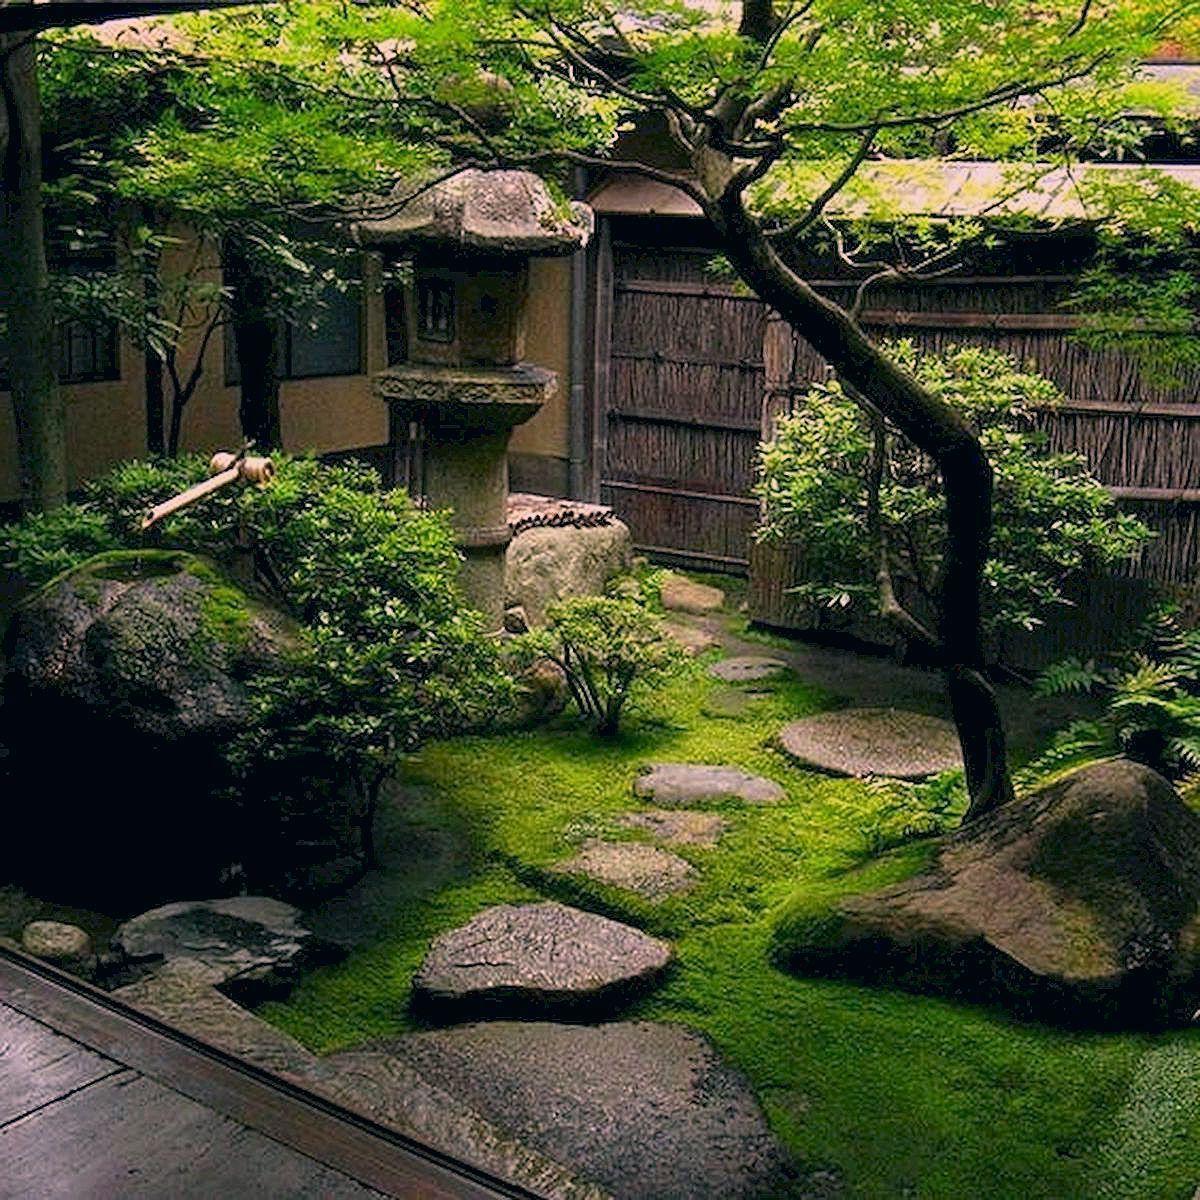 Awe-inspiring Backyard Japanese Garden Design Ideas #japanesegardendesign Awe-inspiring Backyard Japanese Garden Design Ideas #smalljapanesegarden